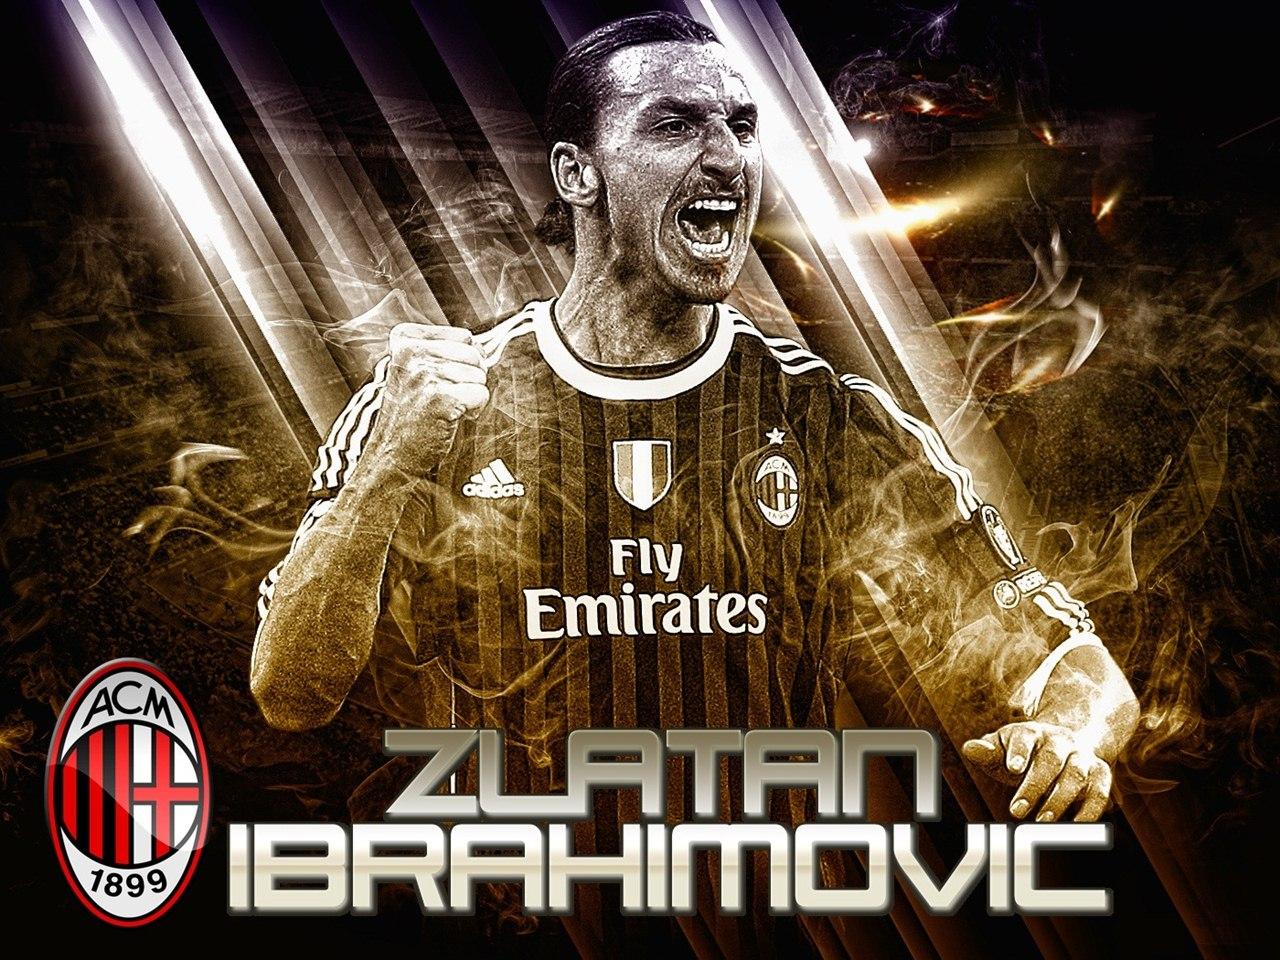 http://4.bp.blogspot.com/-xfTwsfFZIlk/T4K8RloBYbI/AAAAAAAAEUY/MYsL_u1-5UA/s1600/Zlatan-Ibrahimovic-2012-Wallpaper.jpg